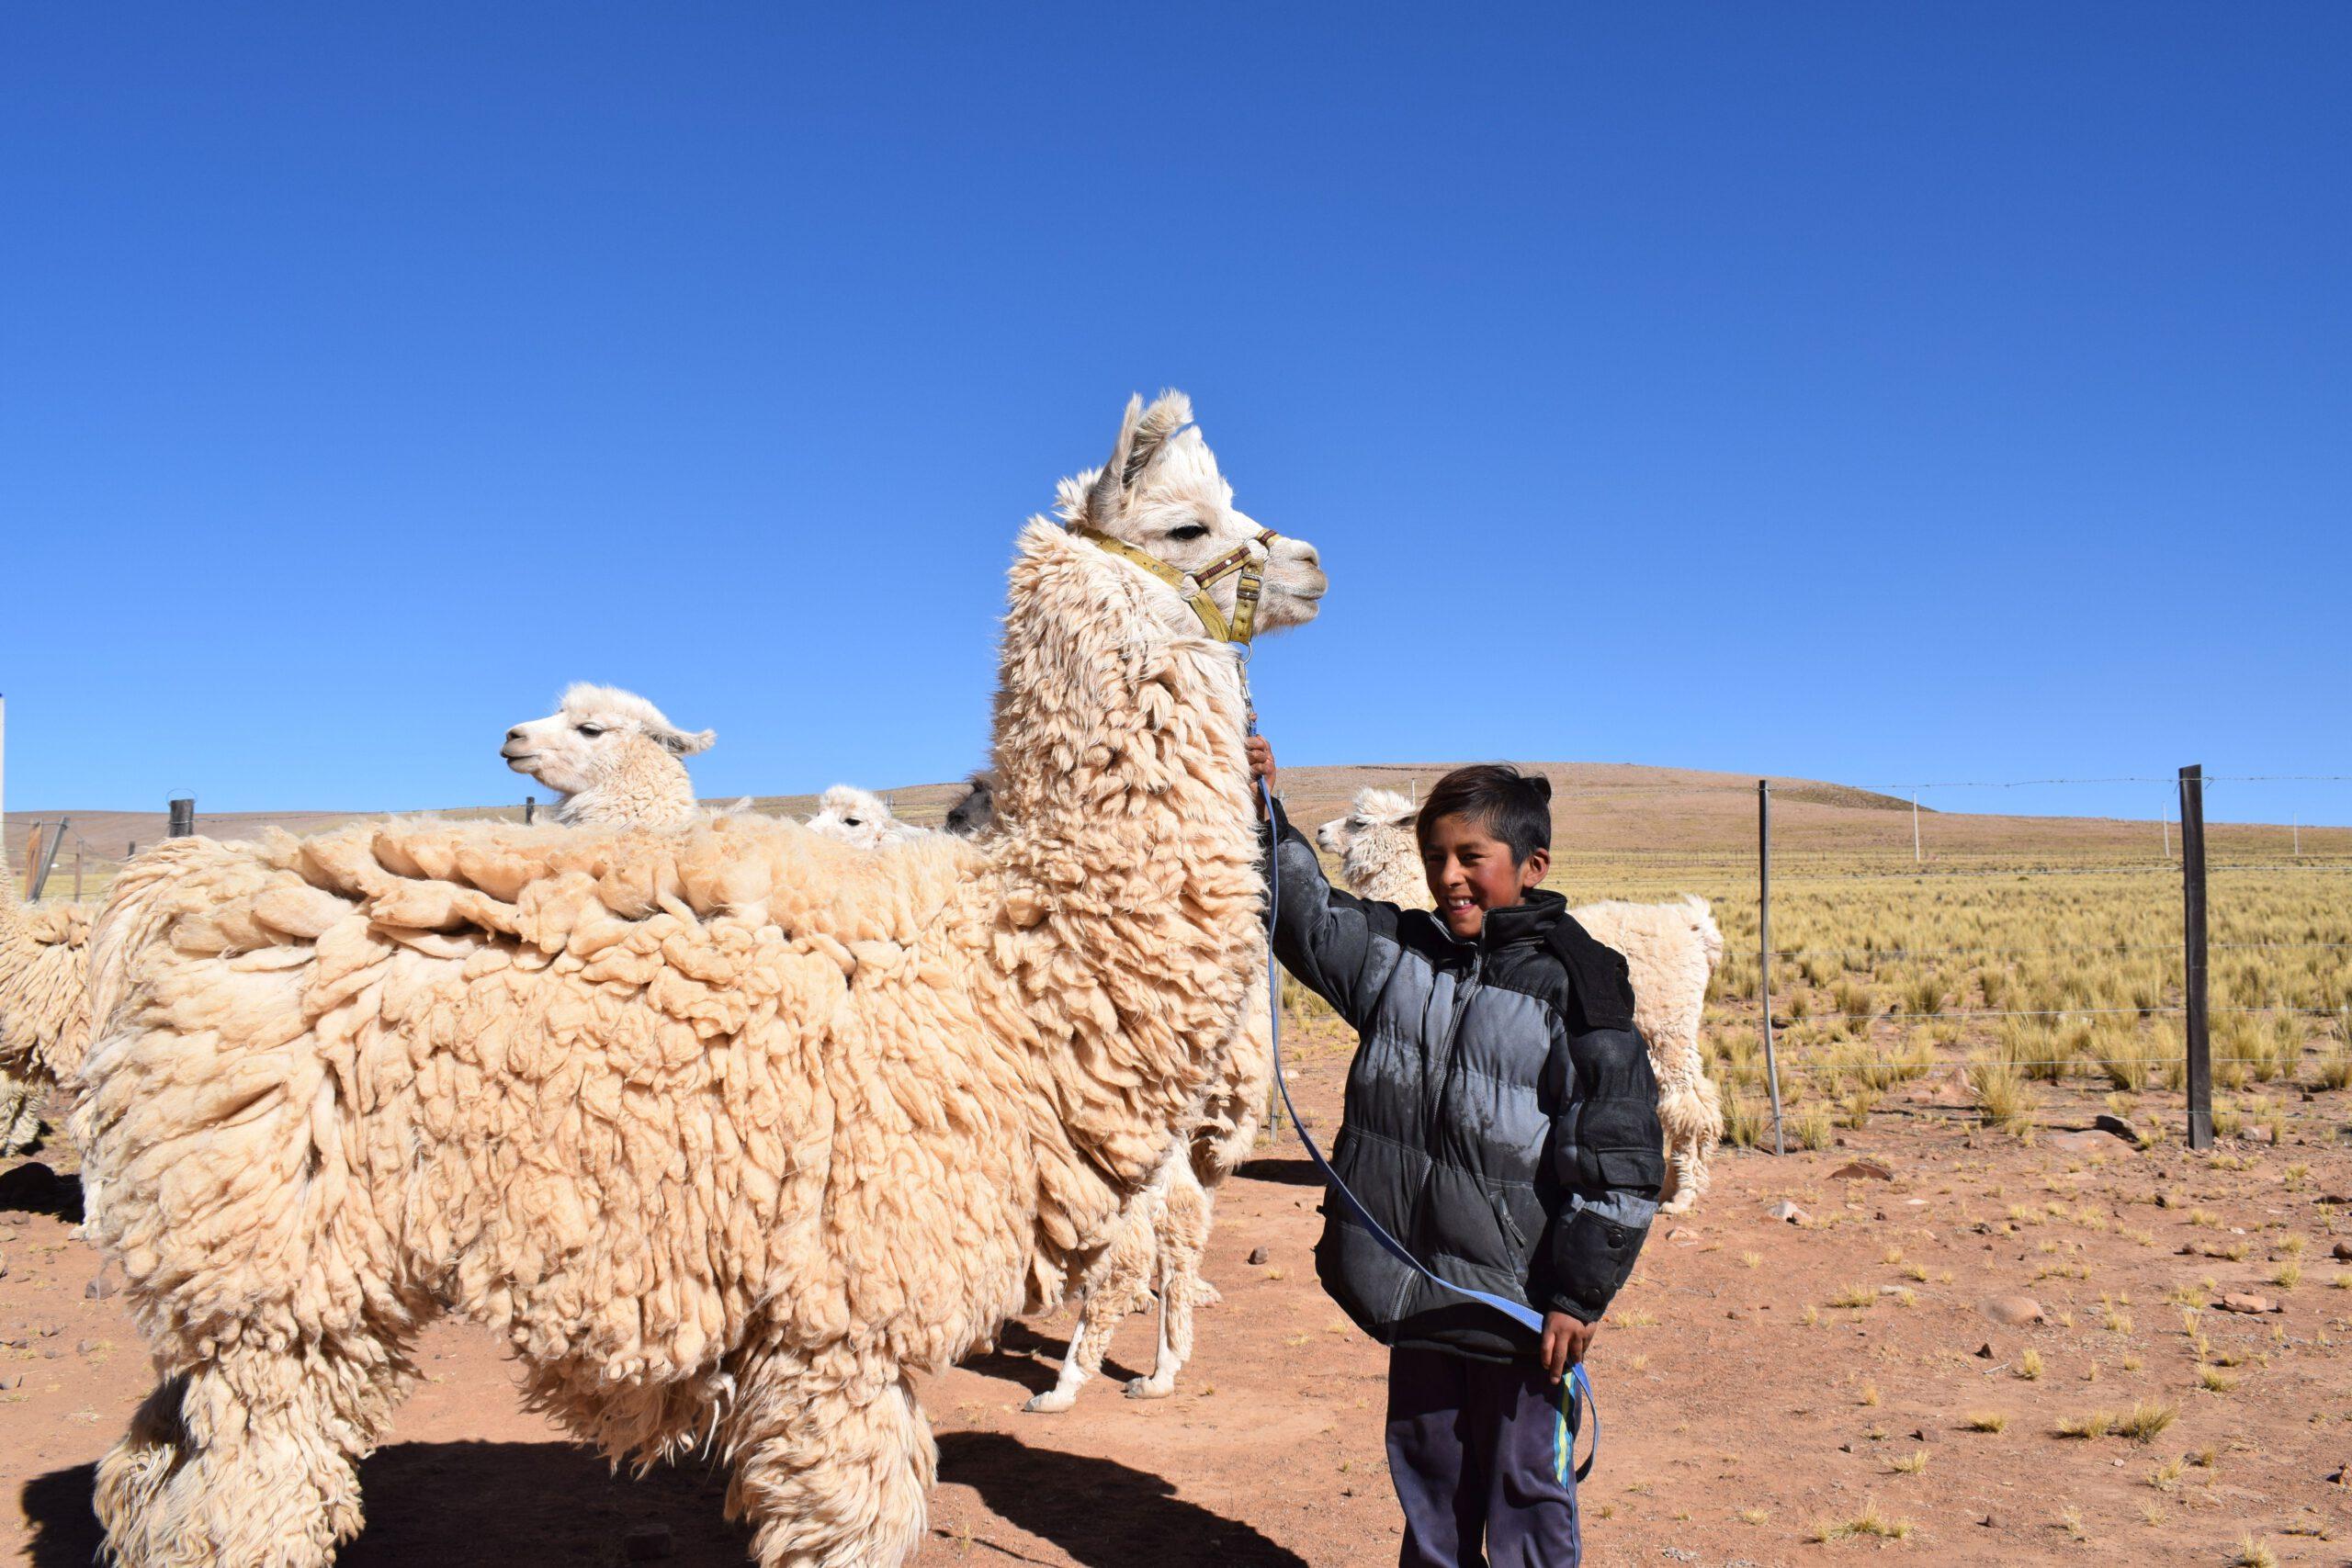 GNO0472_Lamas zur Wollgewinnung_Plan International_Bild stammt aus einem ähnlichen Plan-Projekt in Bolivien_Bild2